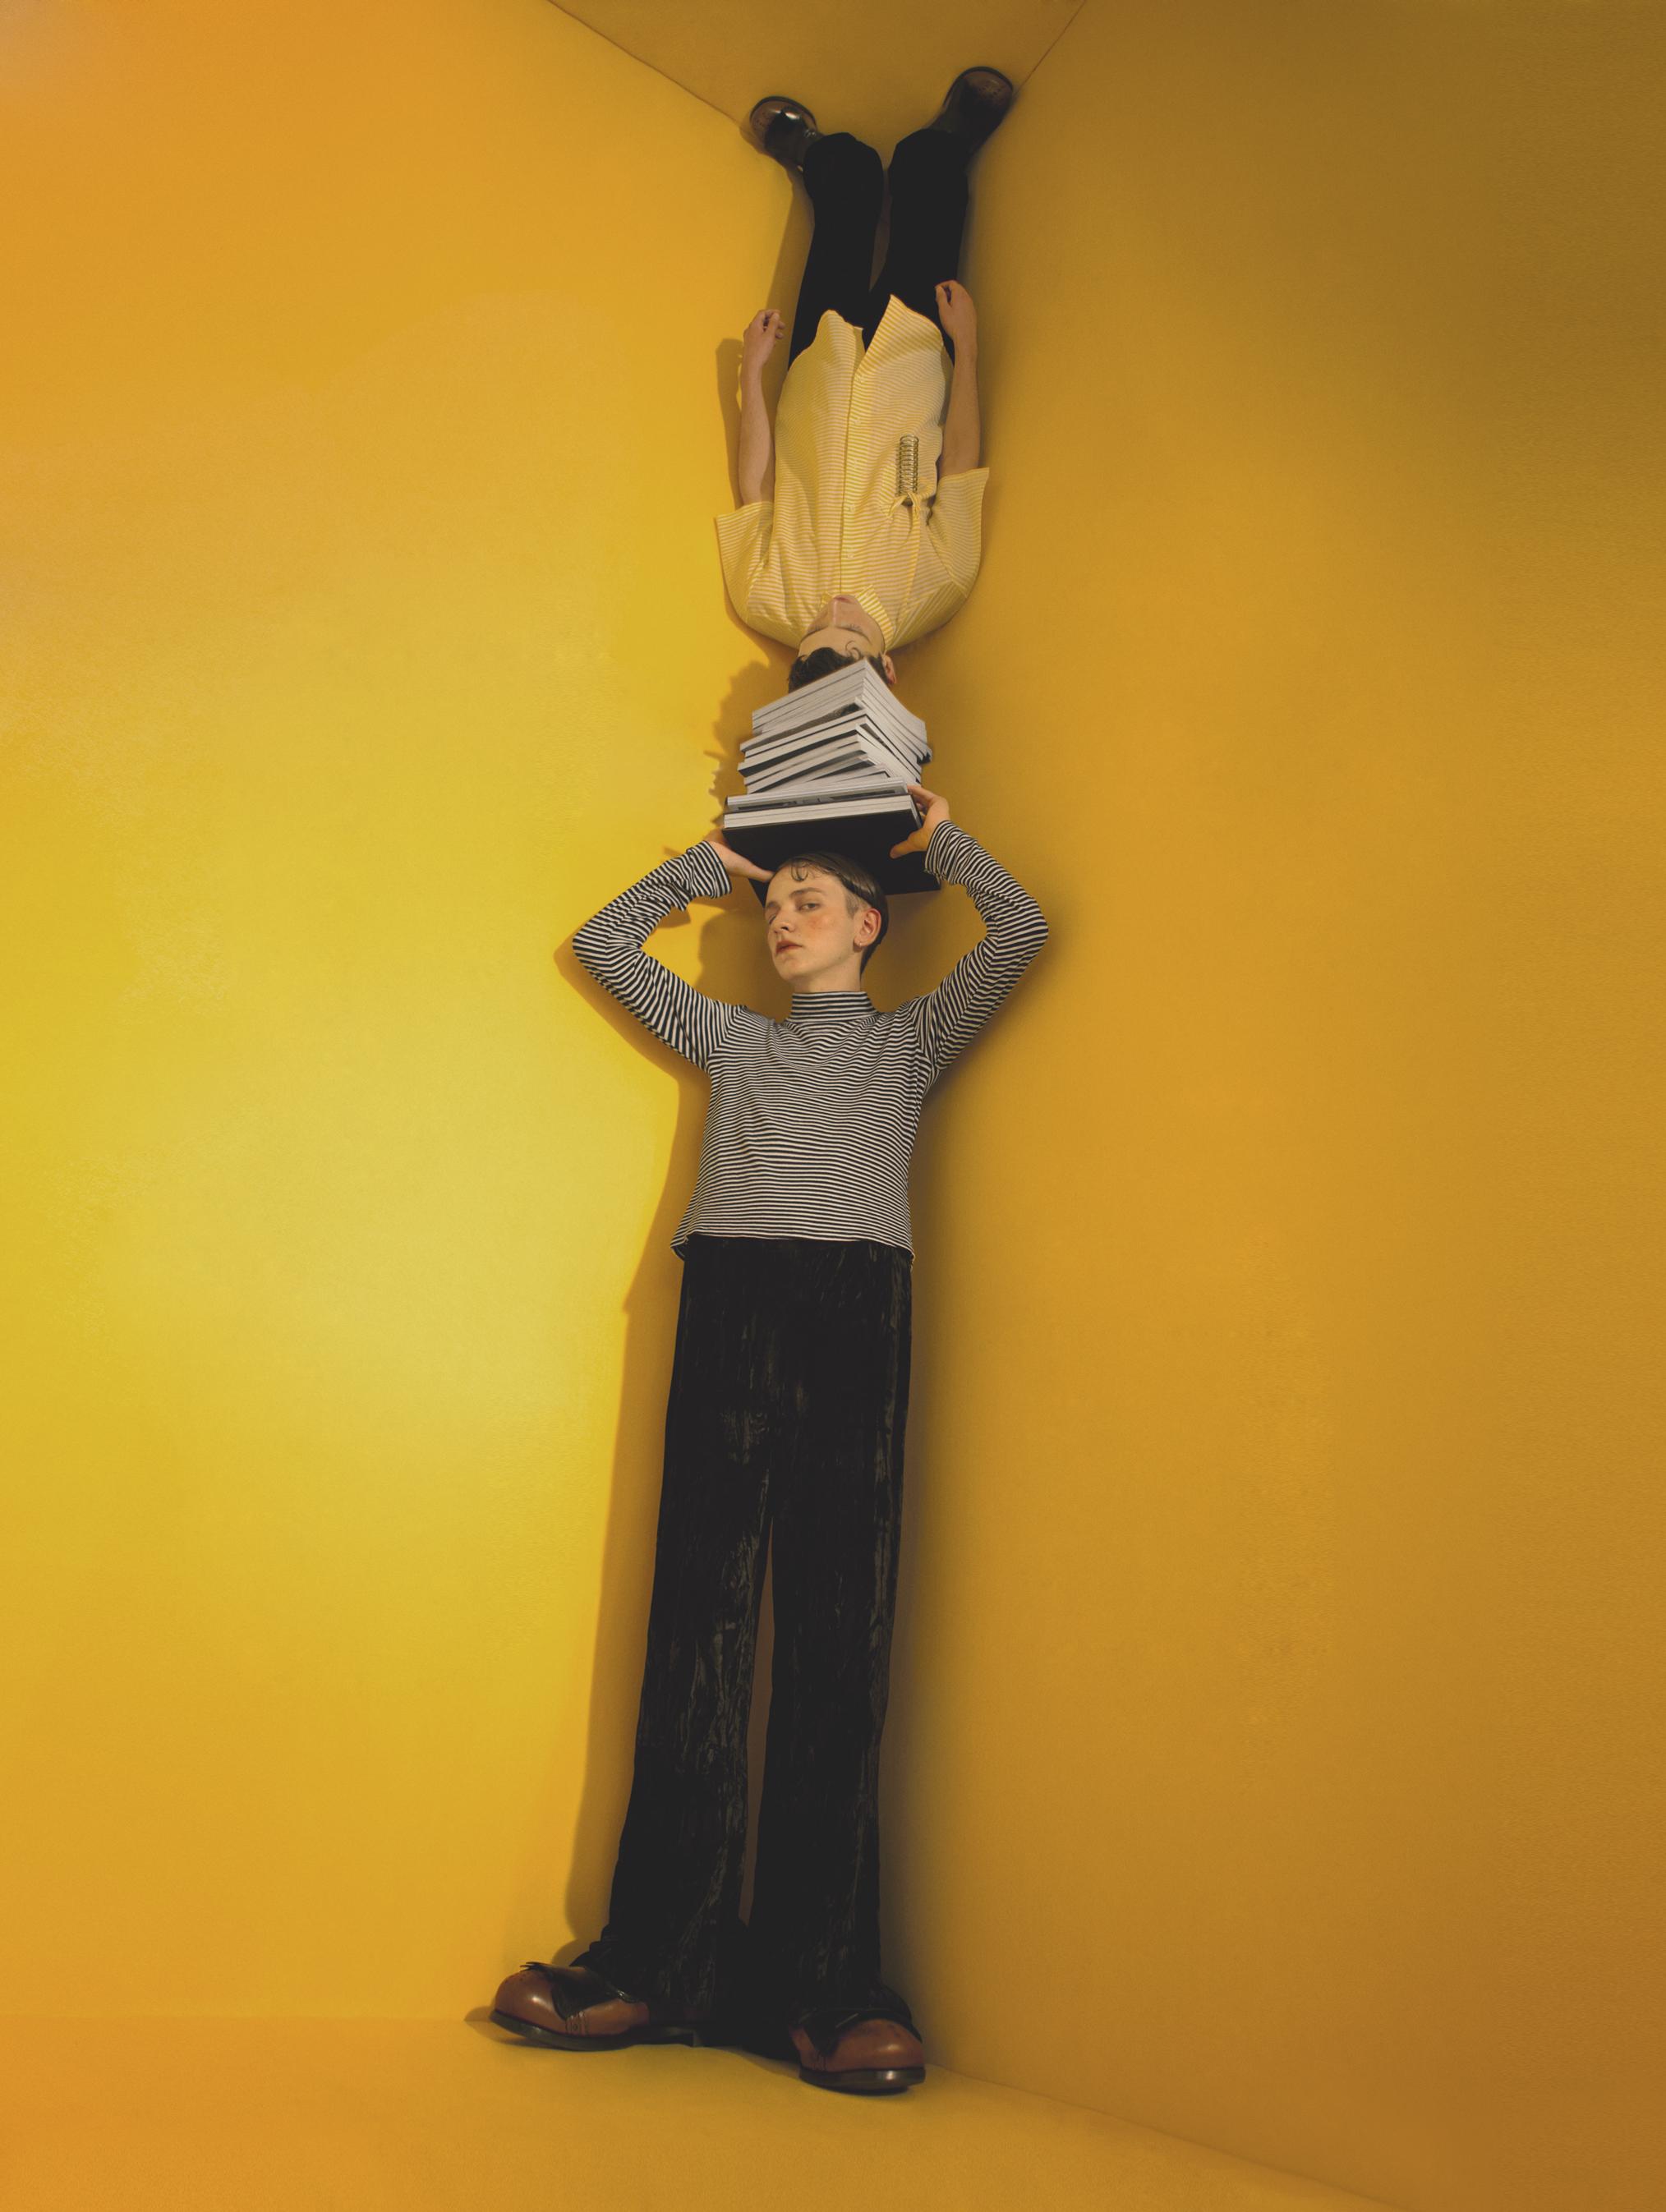 Arriba: zapatos de  PRADA , pantalón de  GIORGIO ARMANI  y camisa de  FILIP Y KITO . Abajo: zapatos de  PRADA , pantalón de  GEORG ESRECH  y camiseta de  AMERICAN APPAREL .